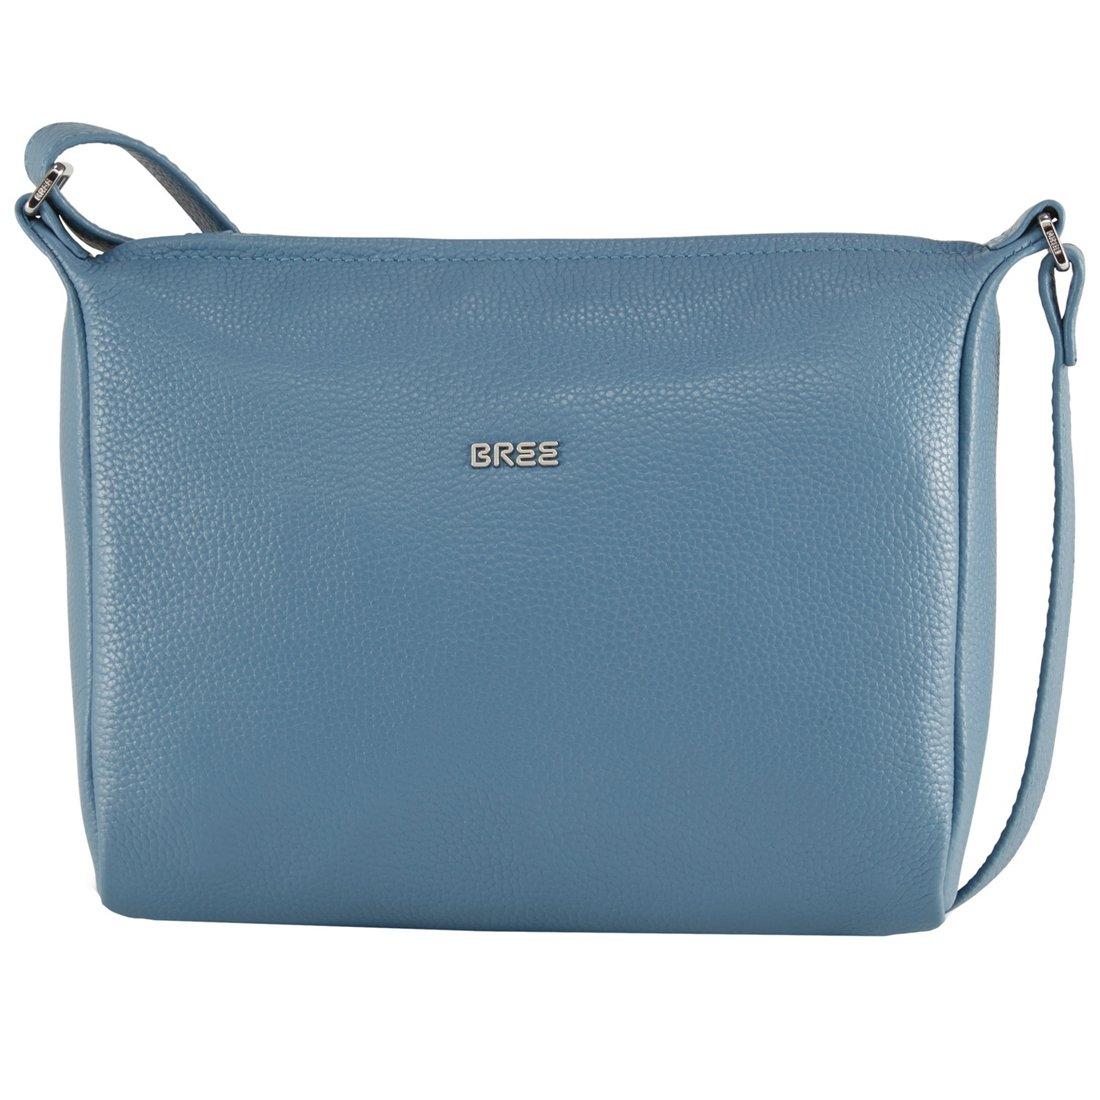 vast selection best deals on size 40 Bree Nola 2 Handtasche 25 cm - provenc blue